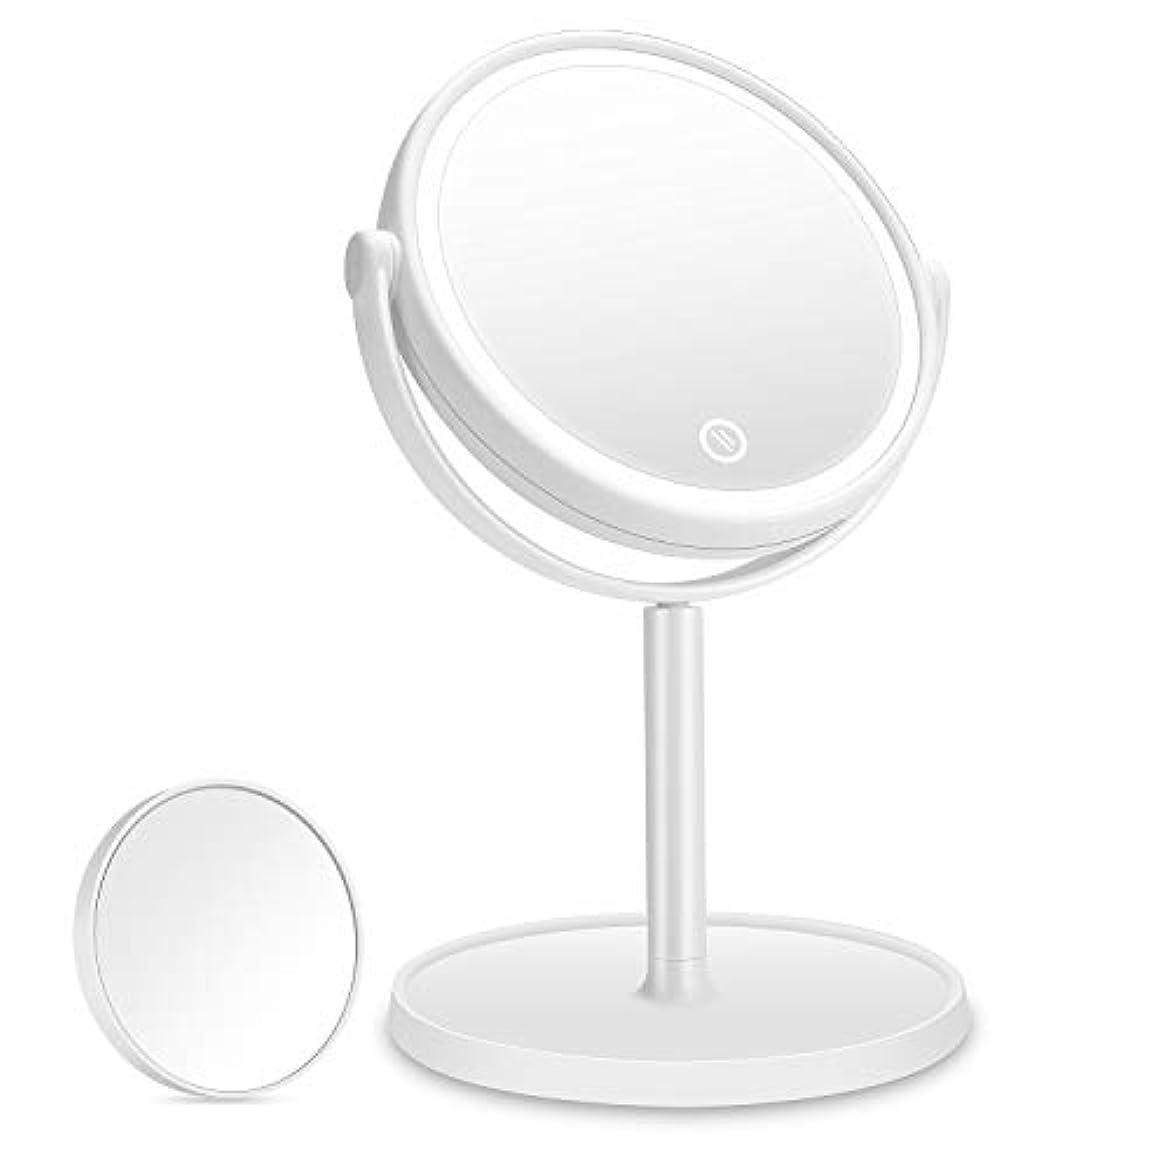 プロテスタント拍車中に化粧鏡 Aidbucks LED 拡大鏡 3倍 卓上鏡 メイク 女優 スタンドミラー LEDライト付き 明るさ調節可 充電式 360度回転 収納 自然光 柔らかい光 折りたたみ式 USB/乾電池給電 ホワイト